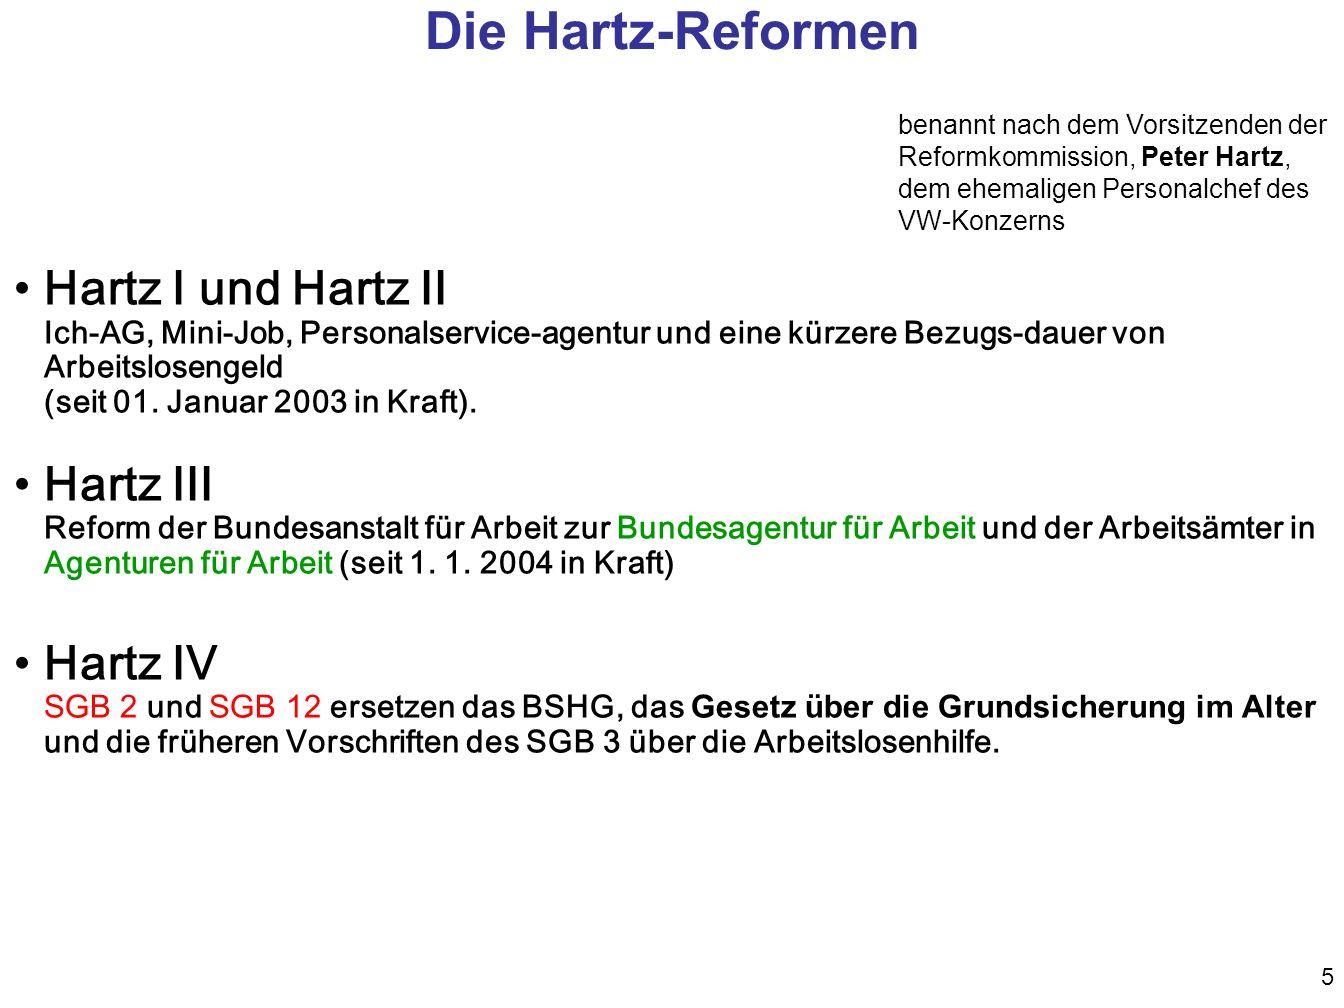 (http://hennrich-pr.at/wp- content/uploads/2010/09/alexanderraths_fotolia_com.jpg) (http://www.bff- rok.de/uploads/images/LOGO_BFF_ROK.jpg) (http://www.bundesregierung.de/Content/DE/Artikel/2012/09/Bilder/20 12-09-24-familienmonitor.jpg?__blob=bpaTopmeldung&v=2) Unzumutbarkeit von Erwerbstätigkeit und Eingliederungsmaßnahmen: